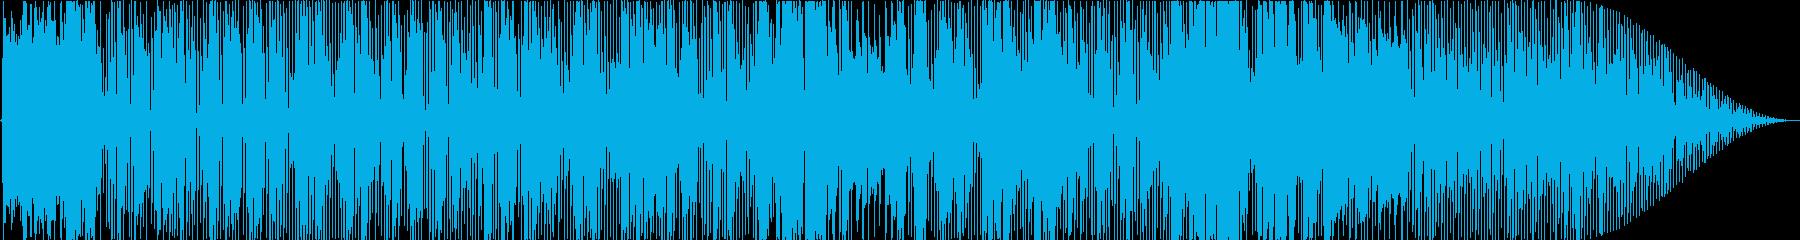 ベース、ドラム、エレクトリックギタ...の再生済みの波形